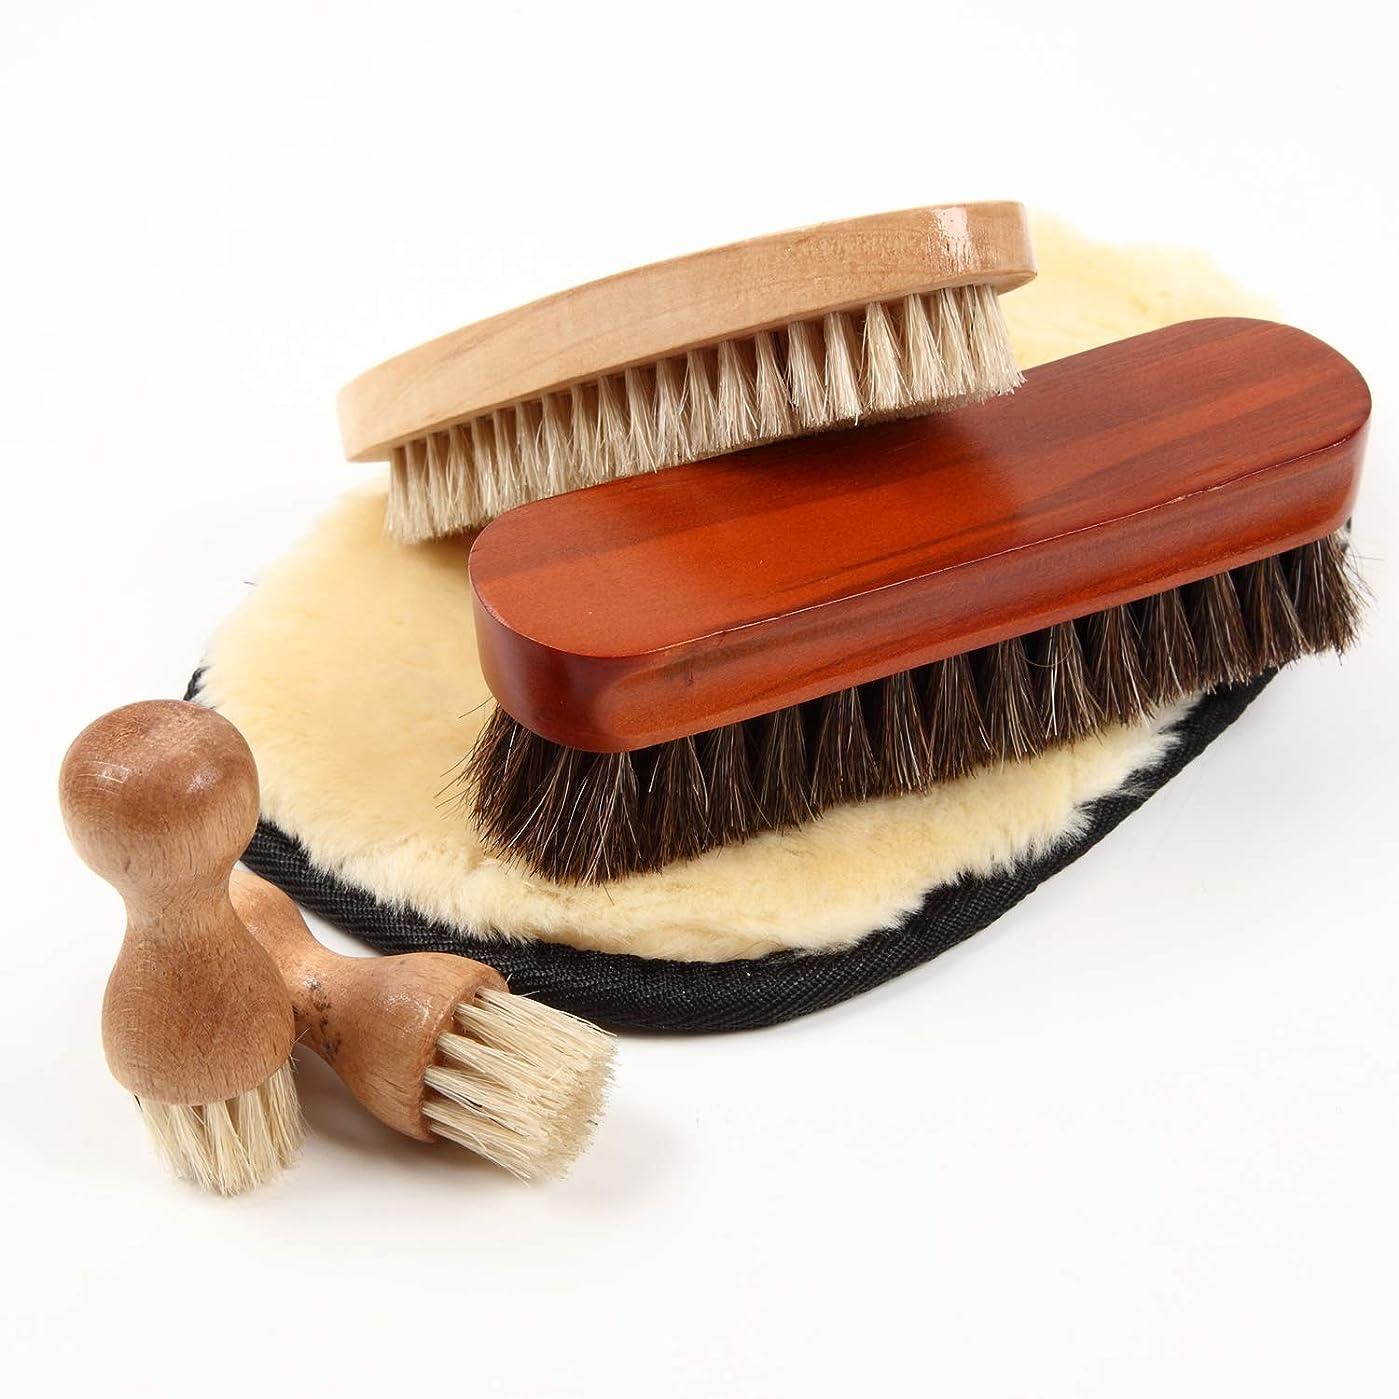 グロー科学的演劇[FOOTSTEPS] 靴磨き ブラシ セット 馬毛ブラシ 豚毛ブラシ ペネトレイトブラシ ムートンクロス 収納麻袋付